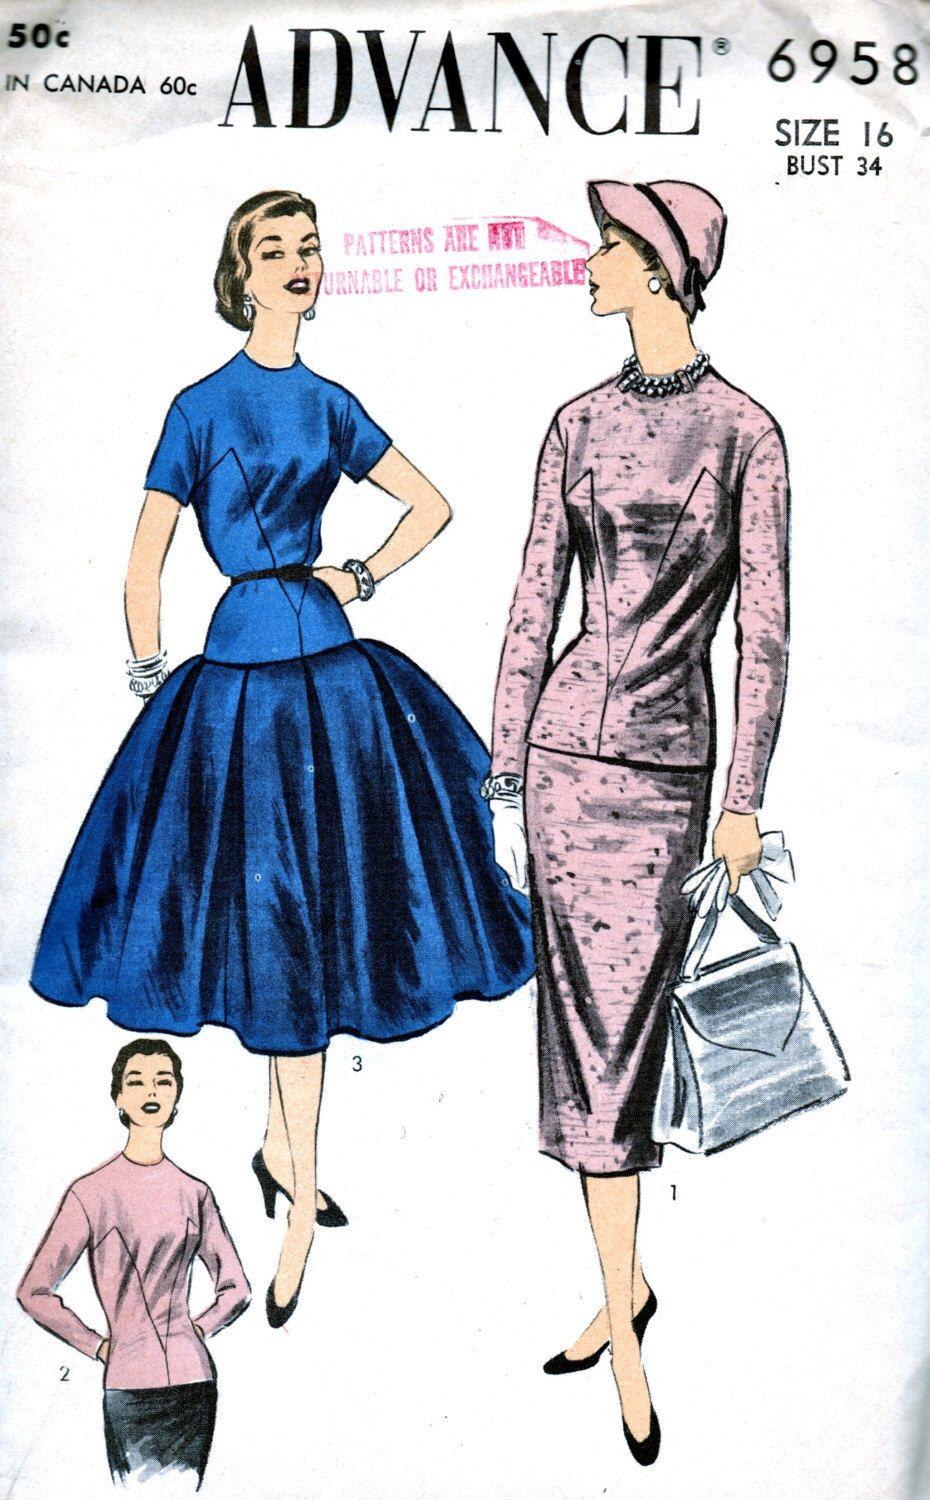 advance modello 1950 6958 - due eleganti pezzo vestito con due gonne * fabbrica piegato * dimensione 16 busto 34 di anne8865 su Etsy https://www.etsy.com/it/listing/215726168/advance-modello-1950-6958-due-eleganti